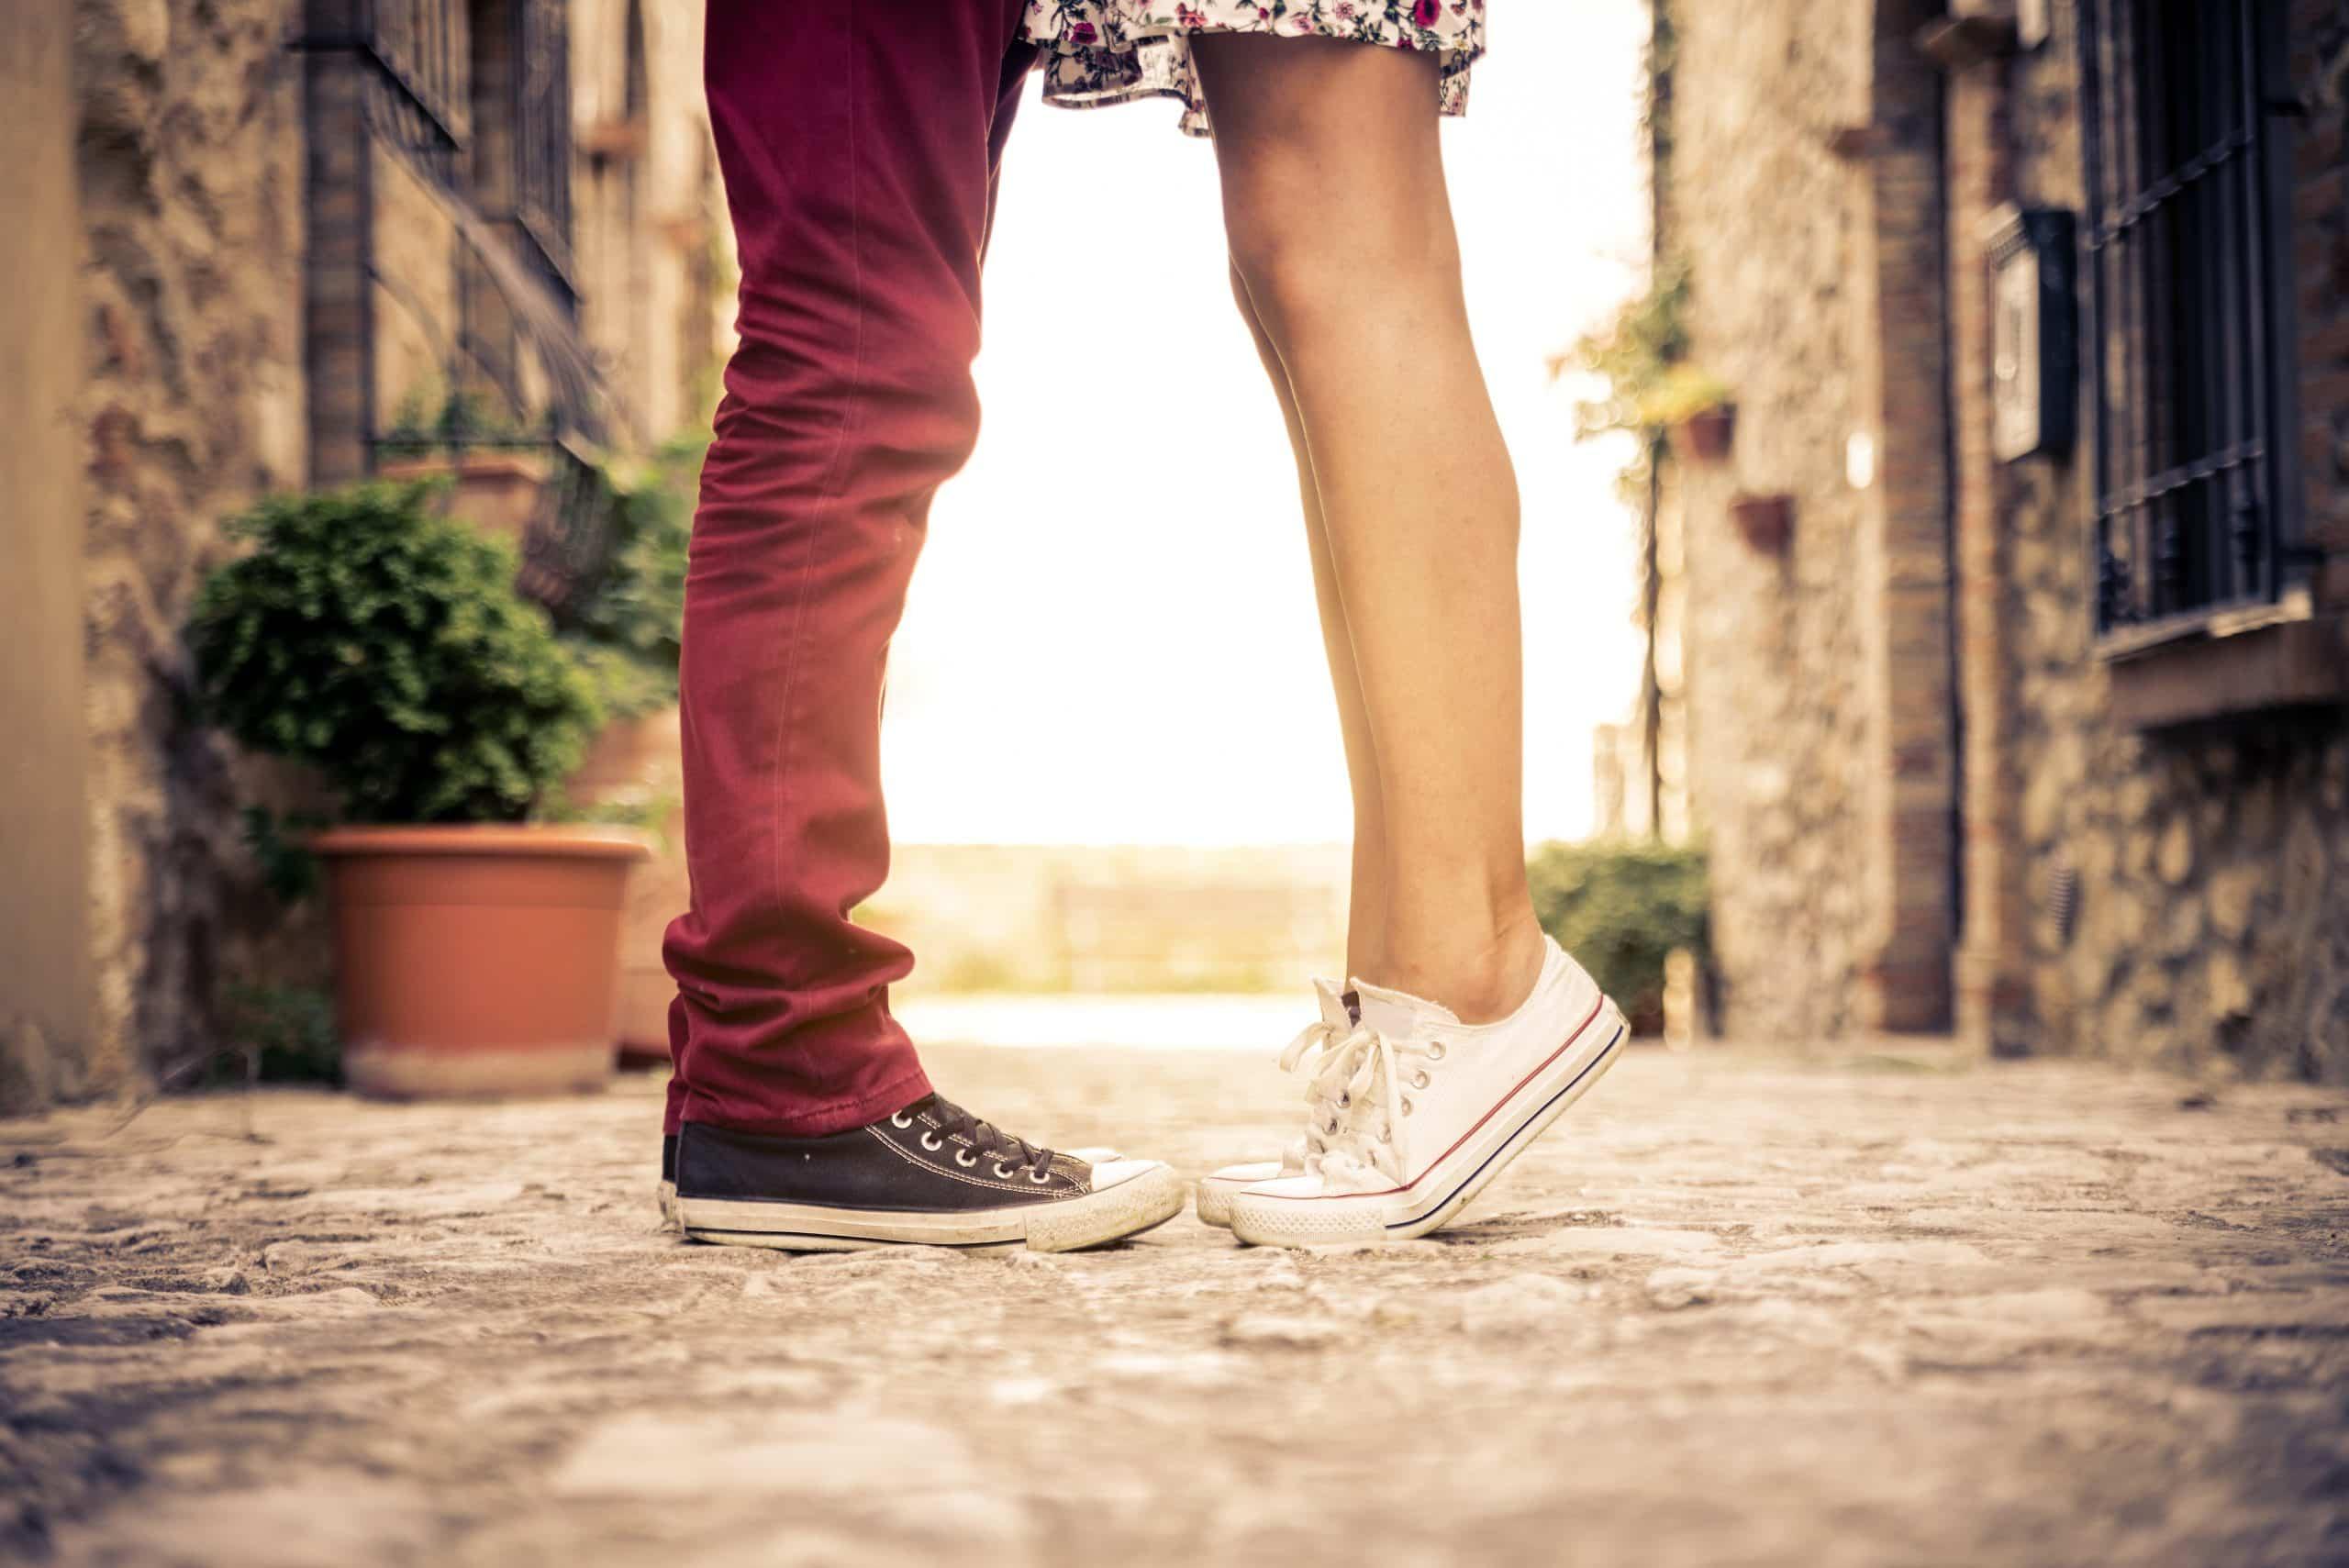 Картинки ноги девушек и парня